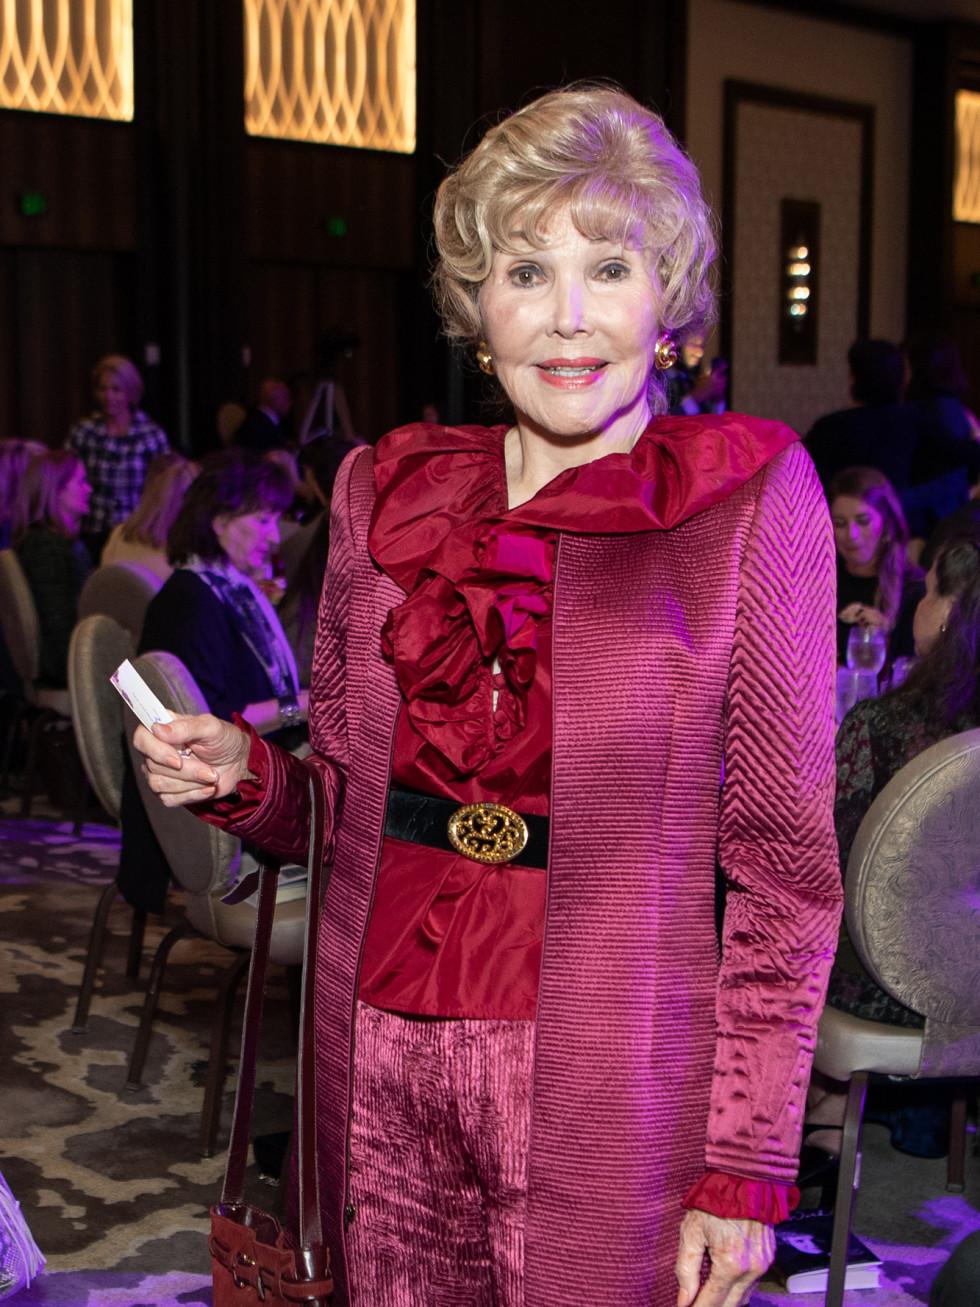 Barbara Bush Power of Literacy Luncheon Julie Andrews 2019 Joanne King Herring